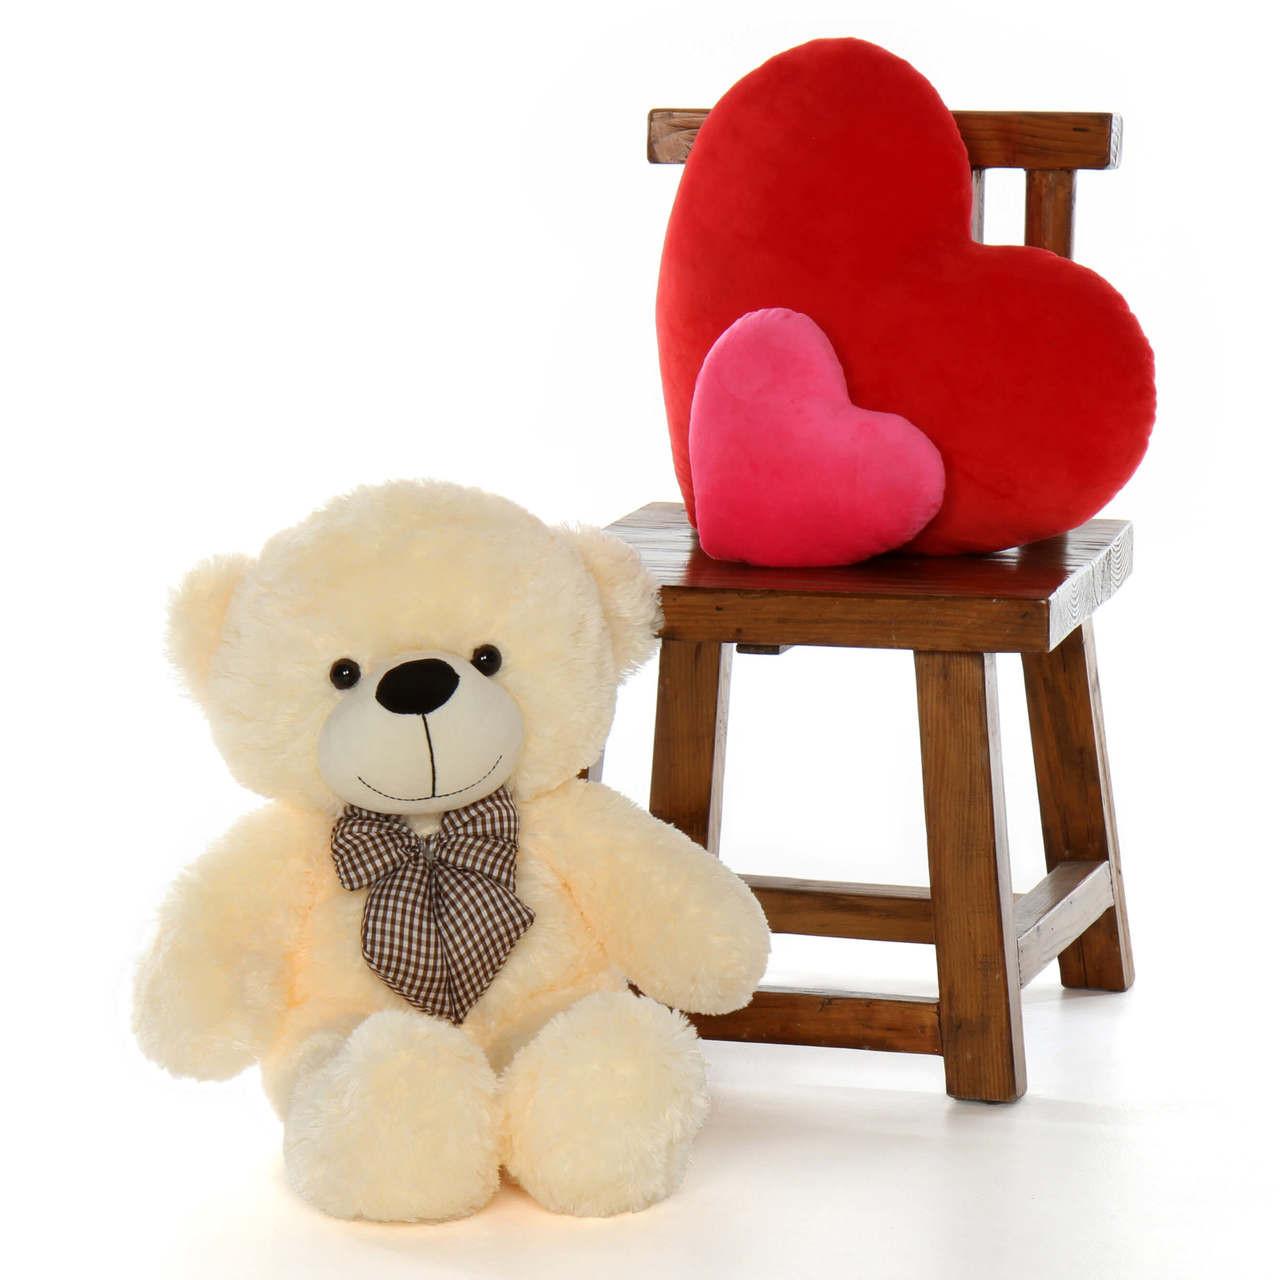 big teddy bear huge huggable super soft fur Cozy plush Cuddles from Giant Teddy